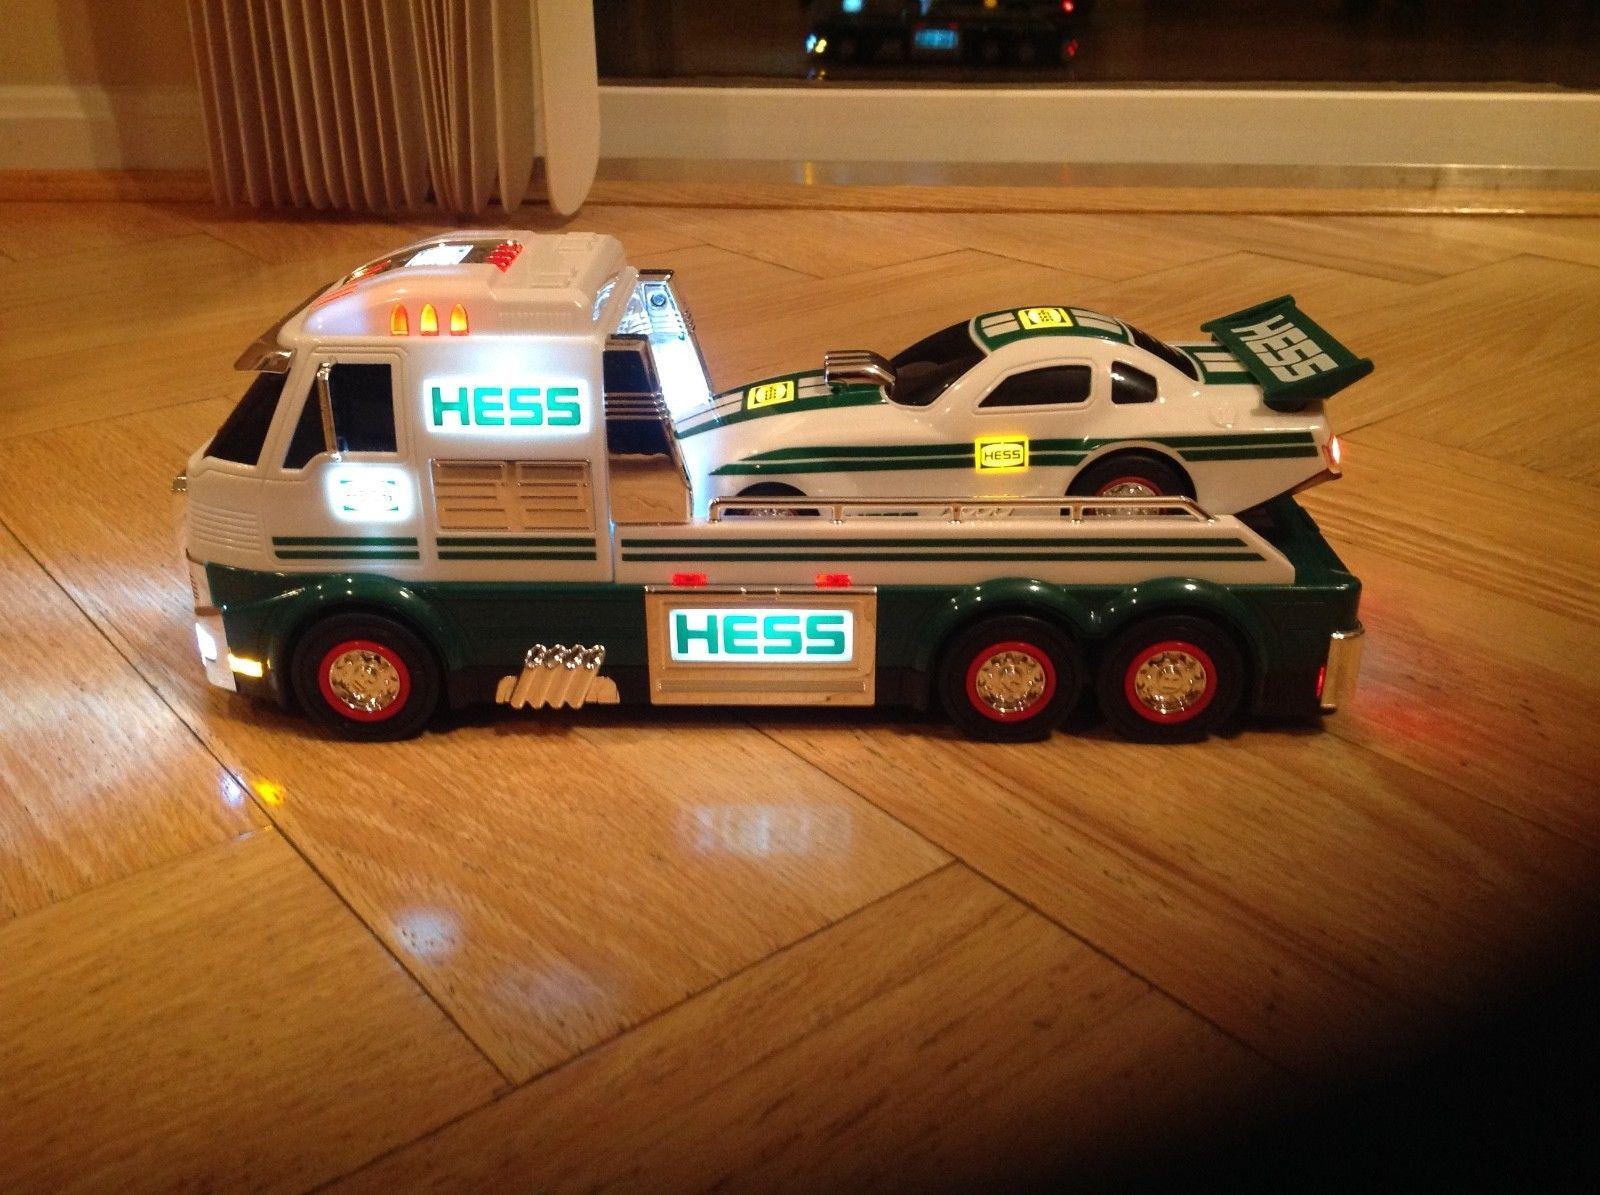 2016 Hess Truck Trucks For Sale Hess Trucks